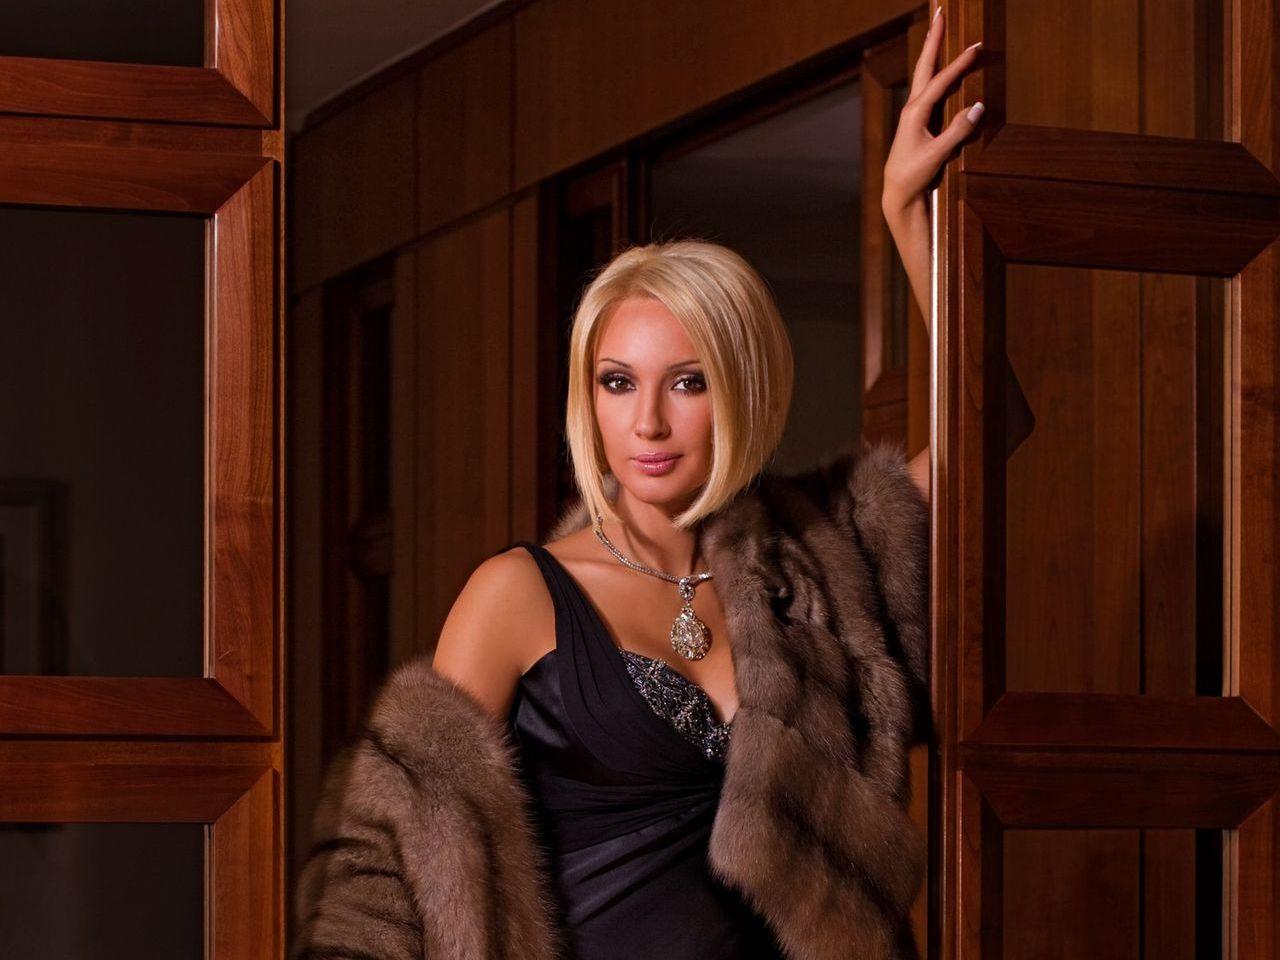 Роковые блондинки смотреть онлайн 3 фотография